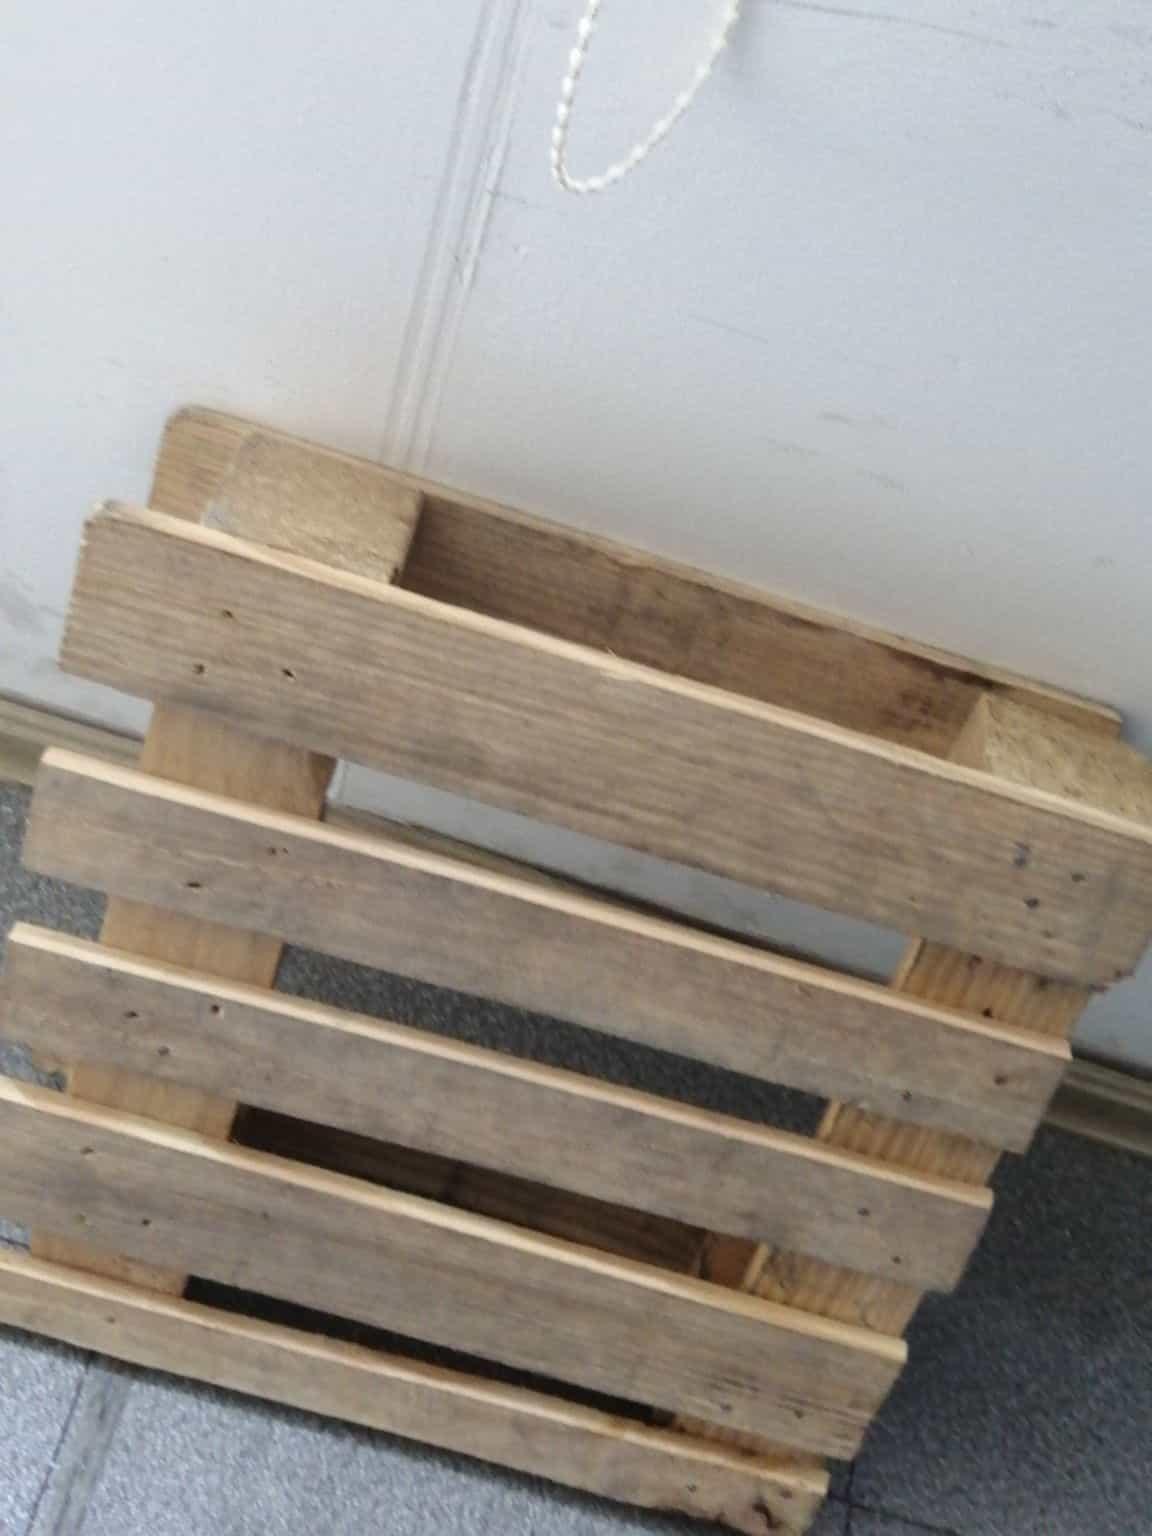 忻州供应木制托盘制造公司